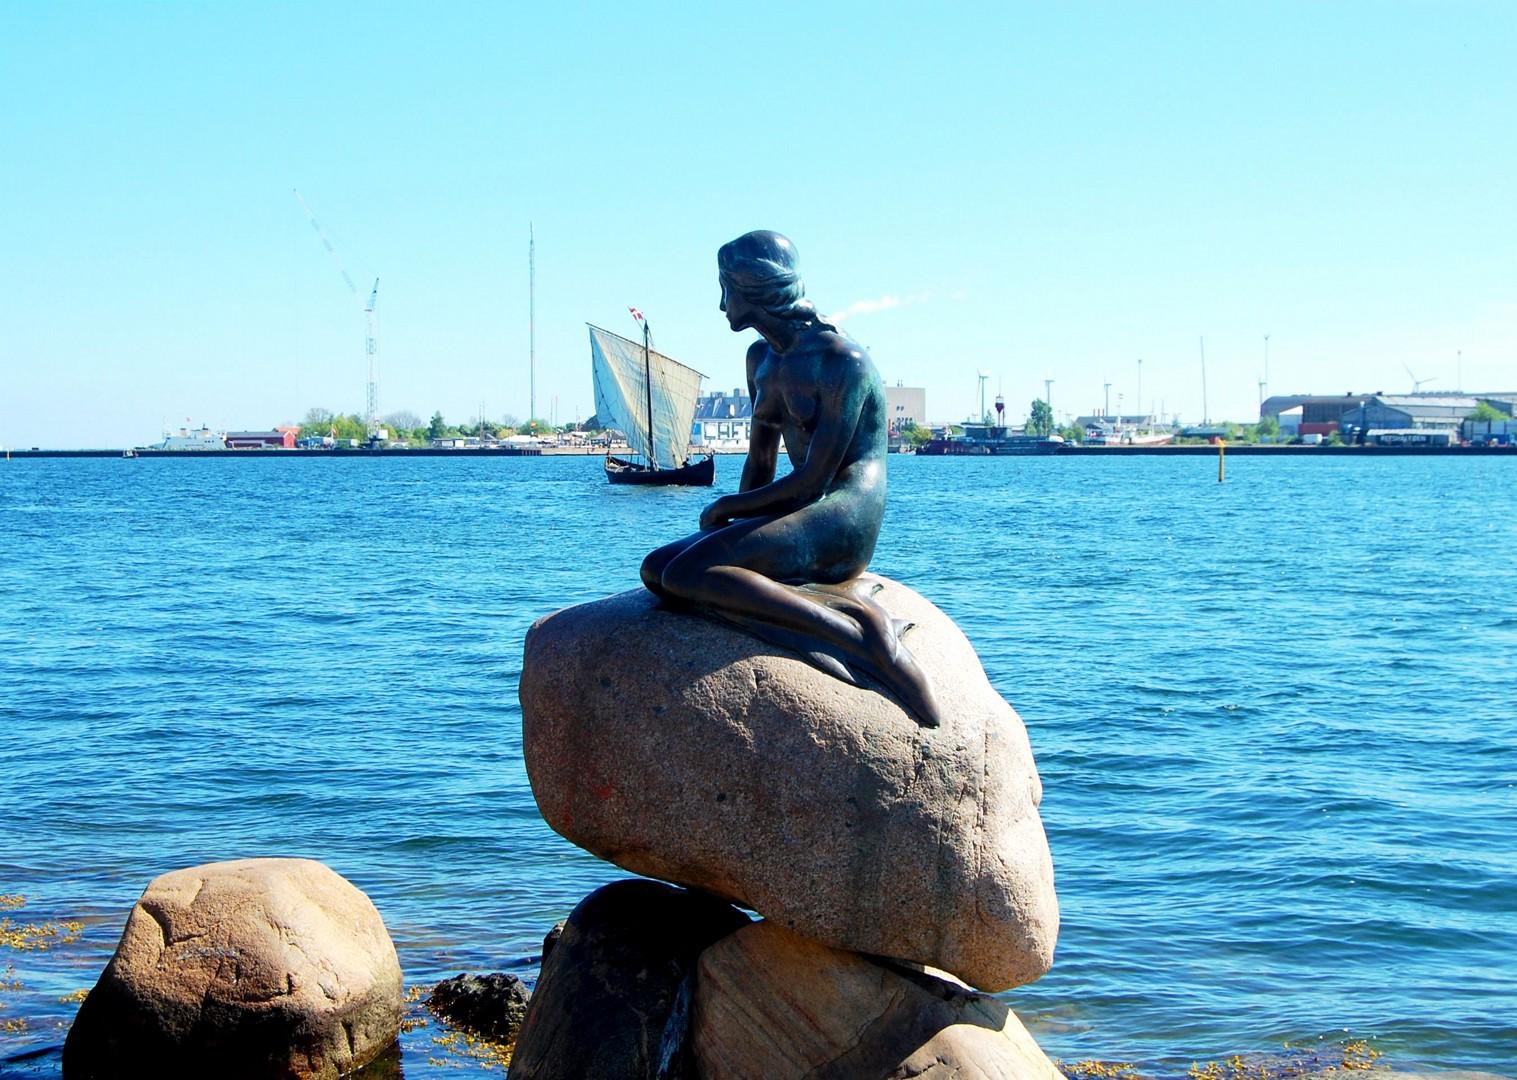 little-mermaid-statue-copenhagen-denmark-family-biking.jpg - Denmark - Zooming Through Zealand - Self-Guided Family Cycling Holiday - Family Cycling